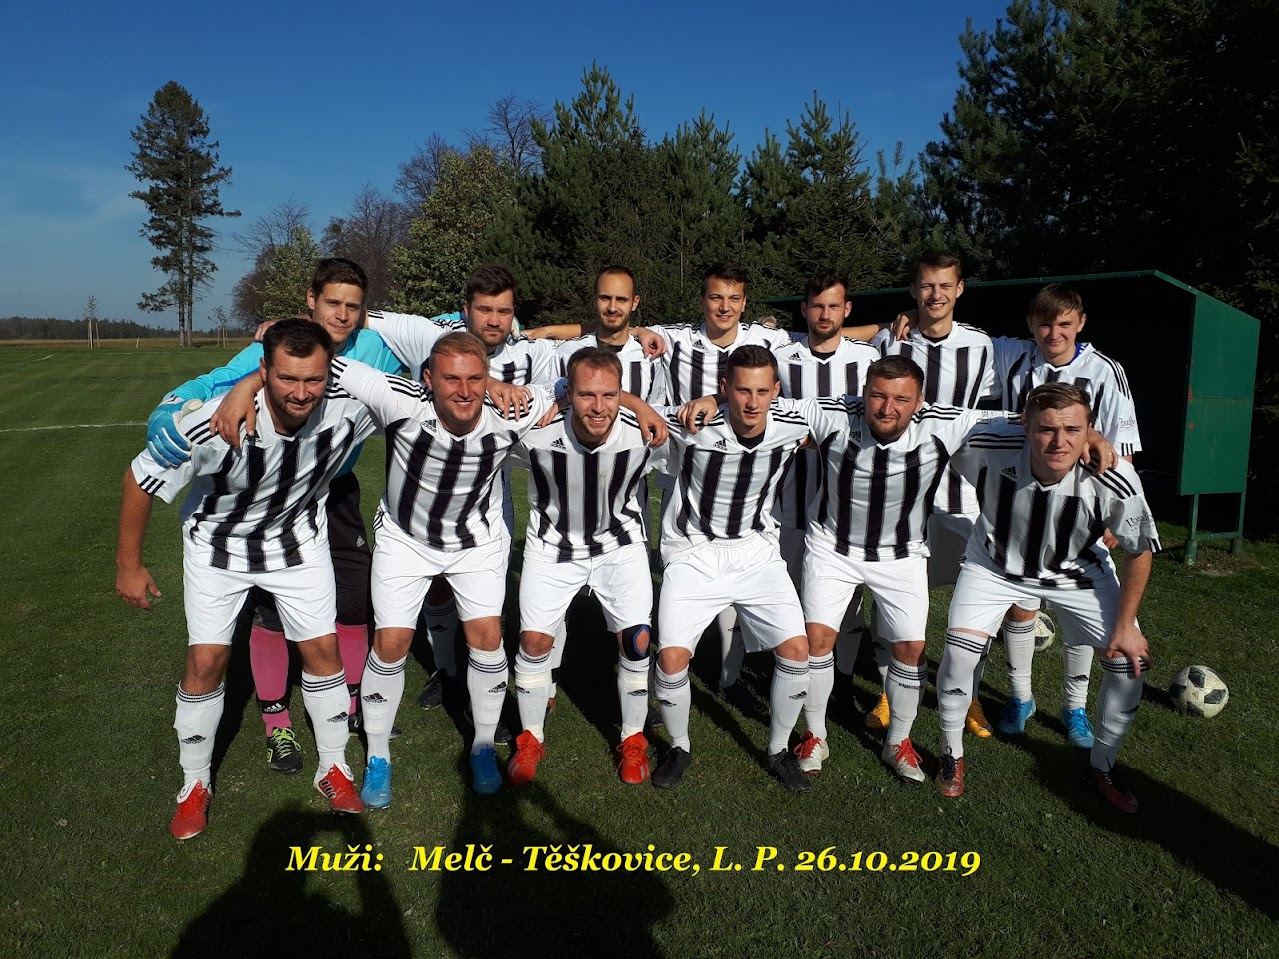 Mužstvo Těškovic pozuje před fotbalovým utkáním s Melčem.